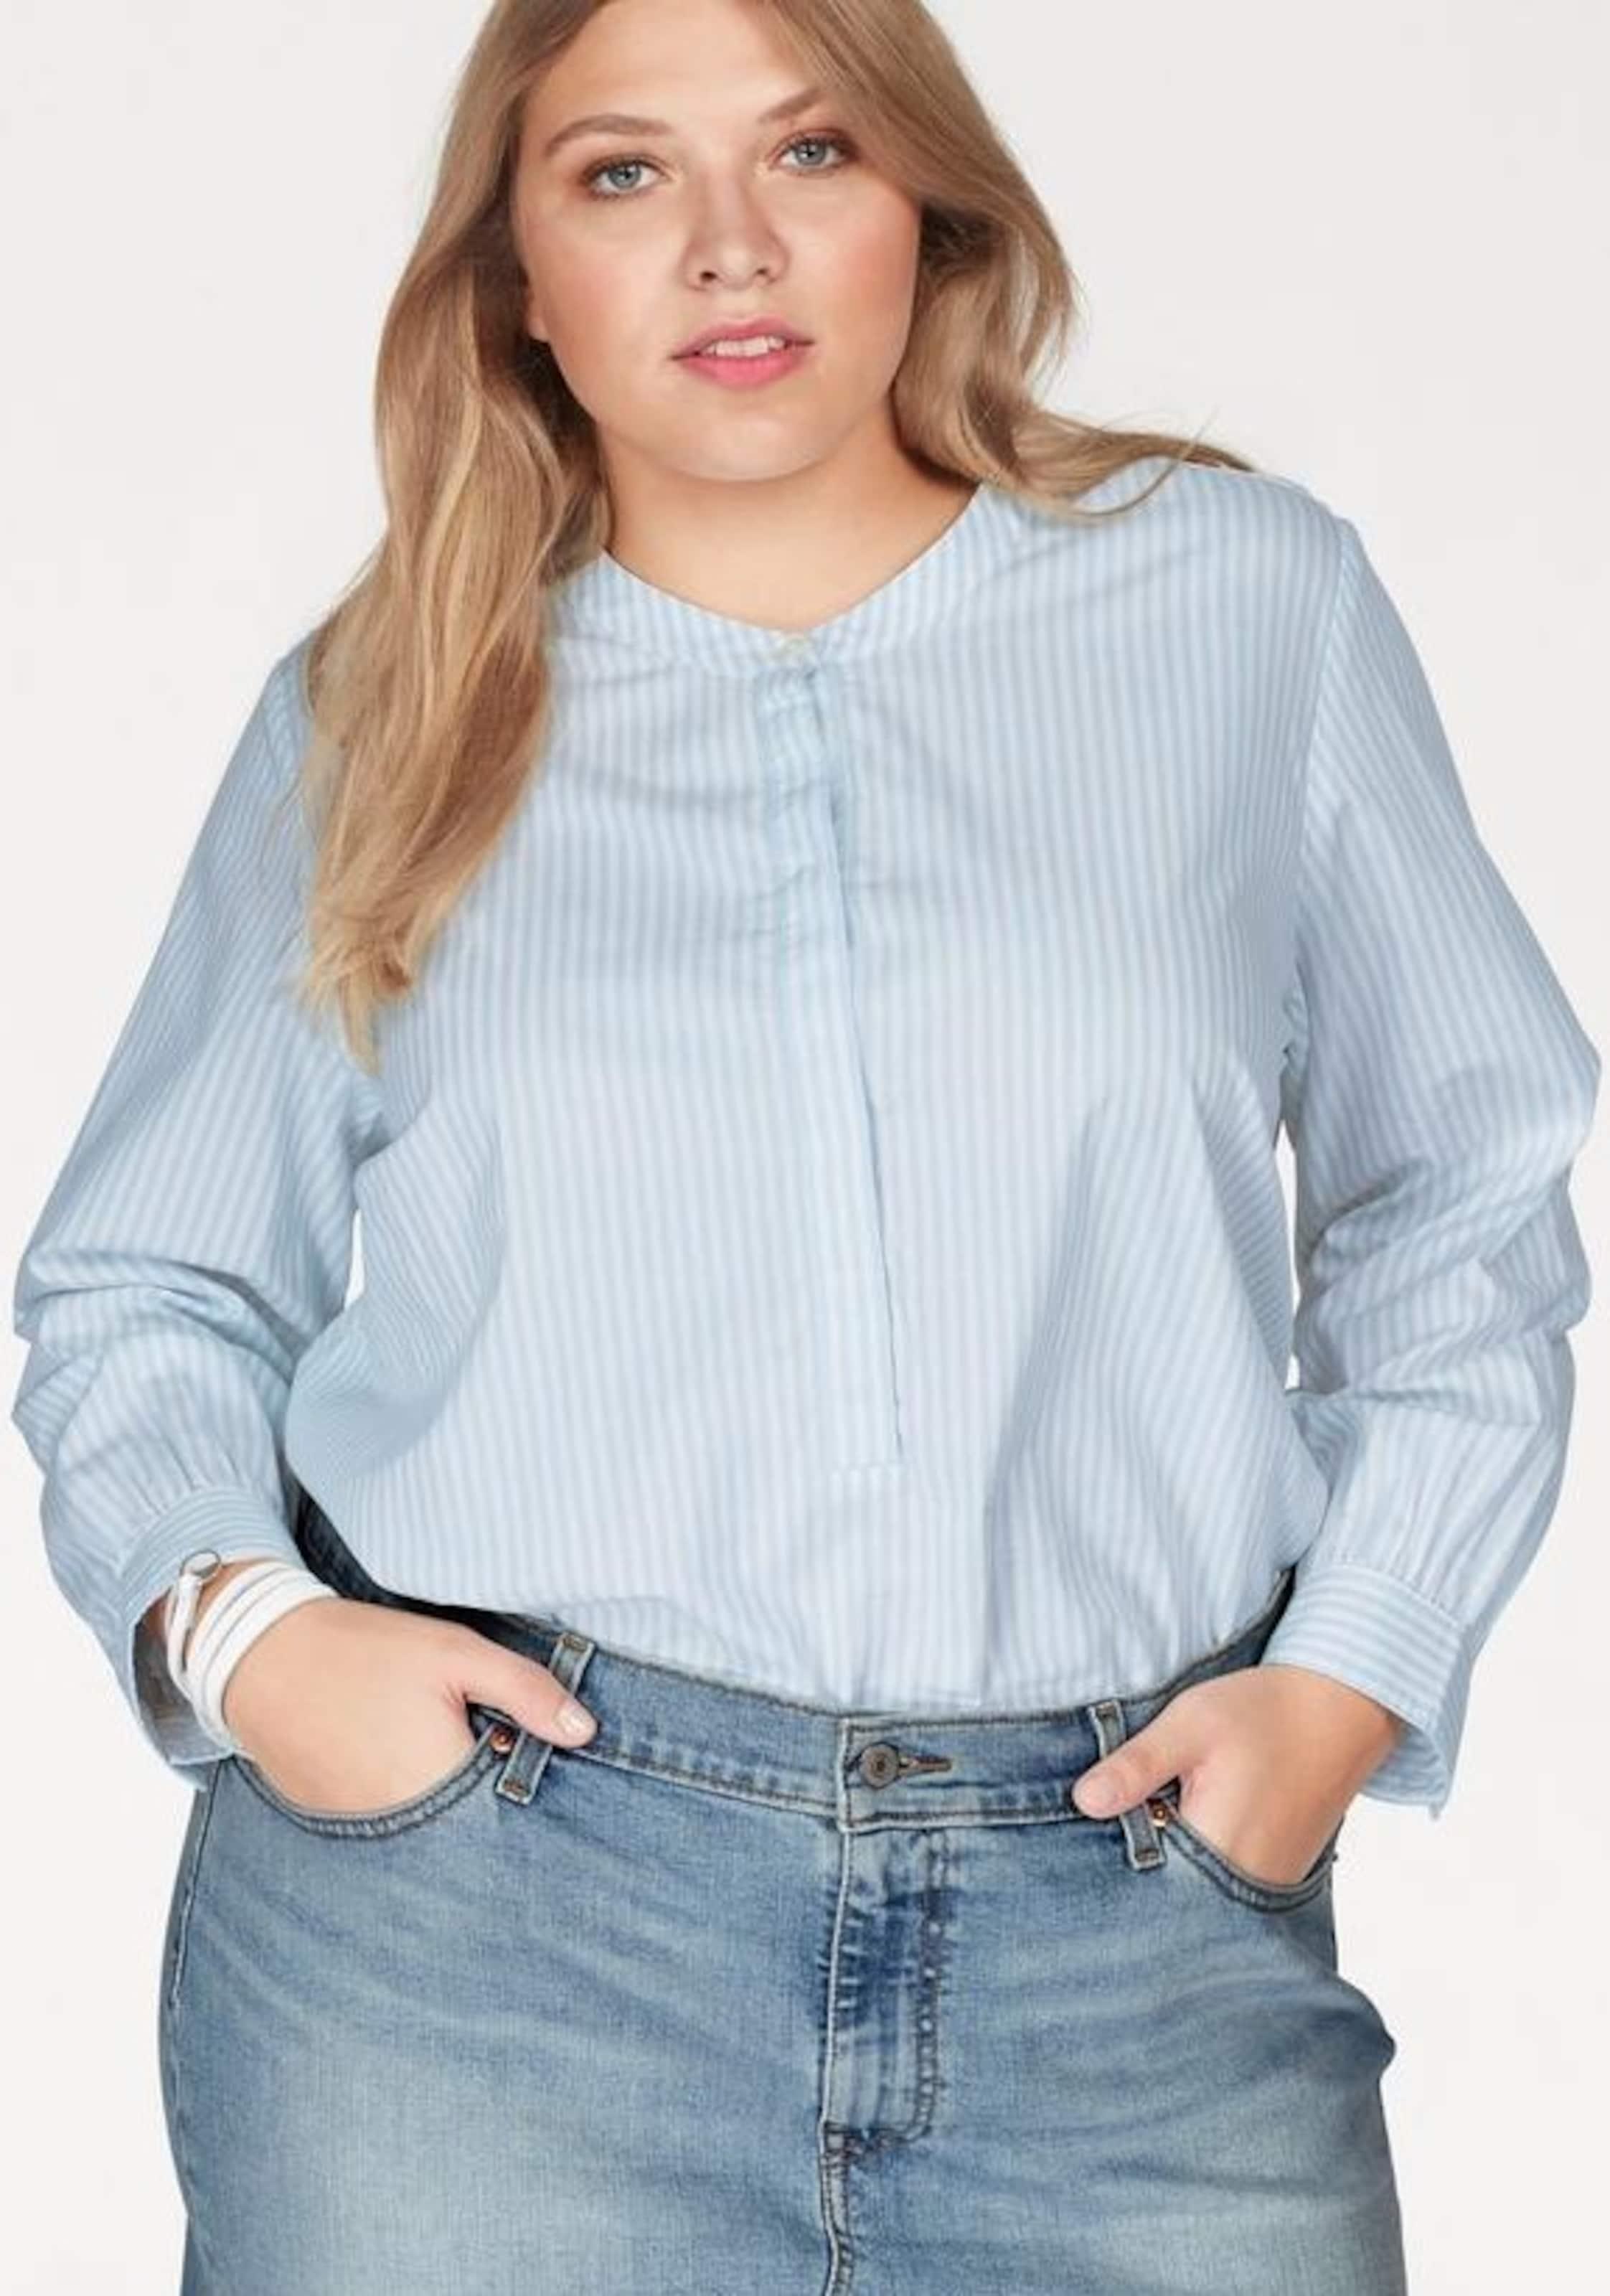 Steckdose Neu LEVI'S Jeansbluse Rabatt Größte Lieferant Online Einkaufen Amazon Kaufen sloL3S